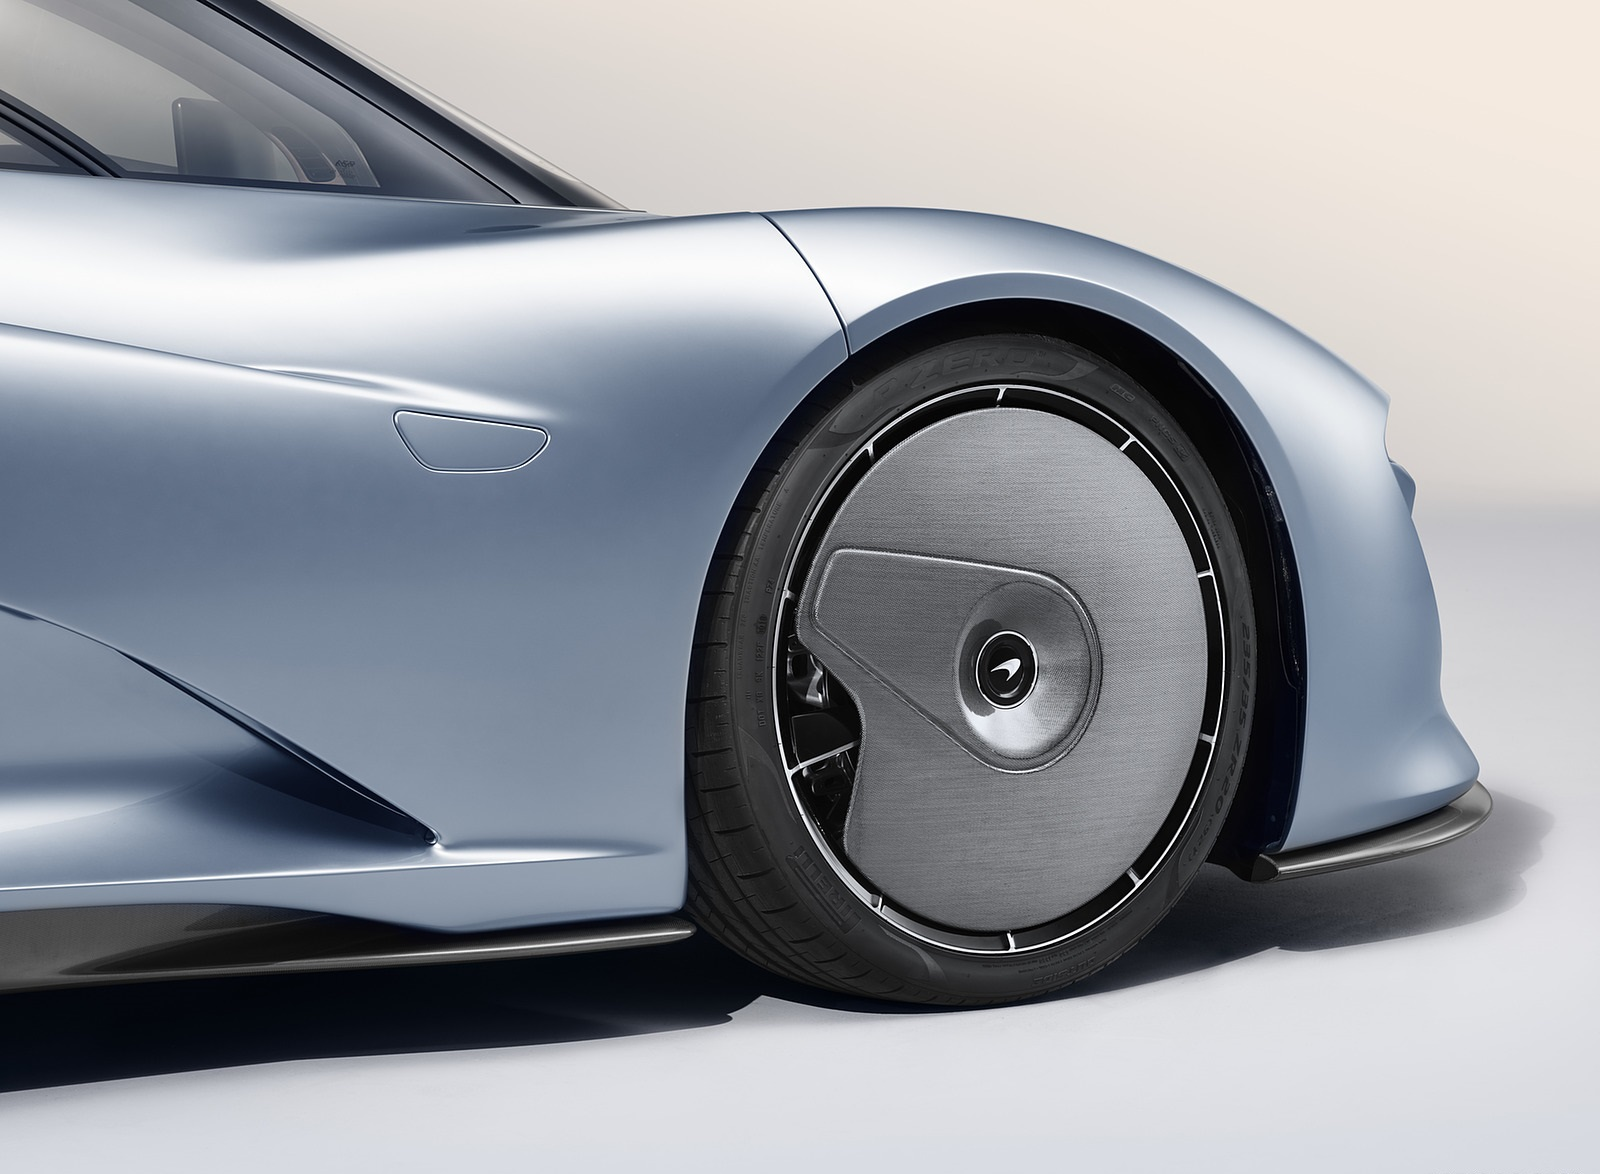 2019 McLaren Speedtail Wheel Wallpapers #24 of 39